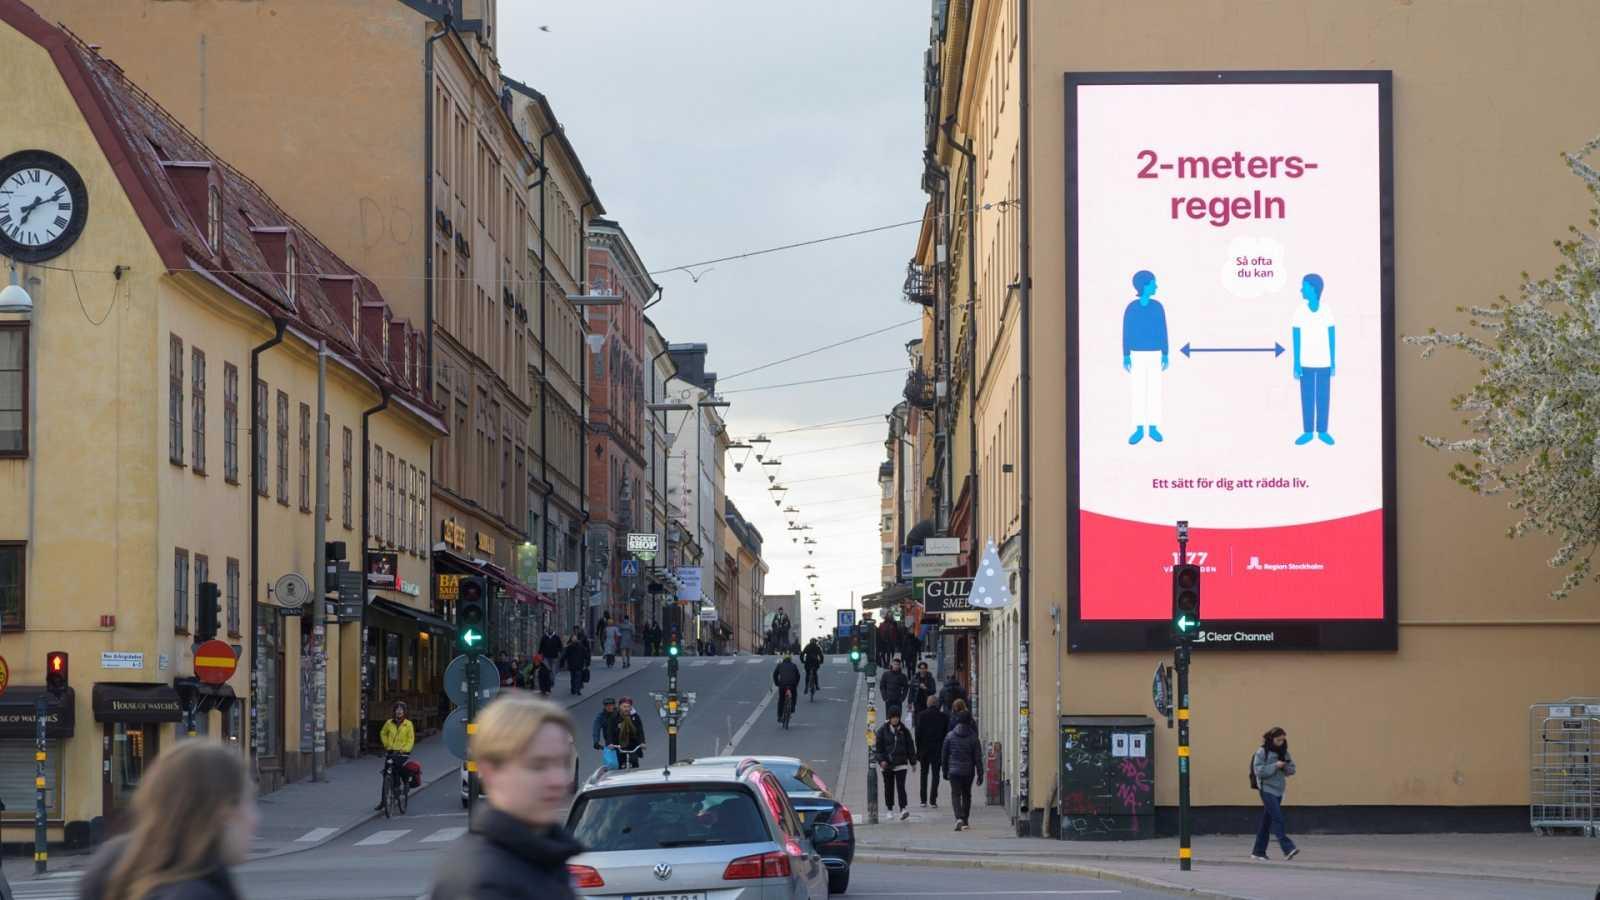 Cartel publicitario en Estocolmo recordando mantener la distancia entre personas